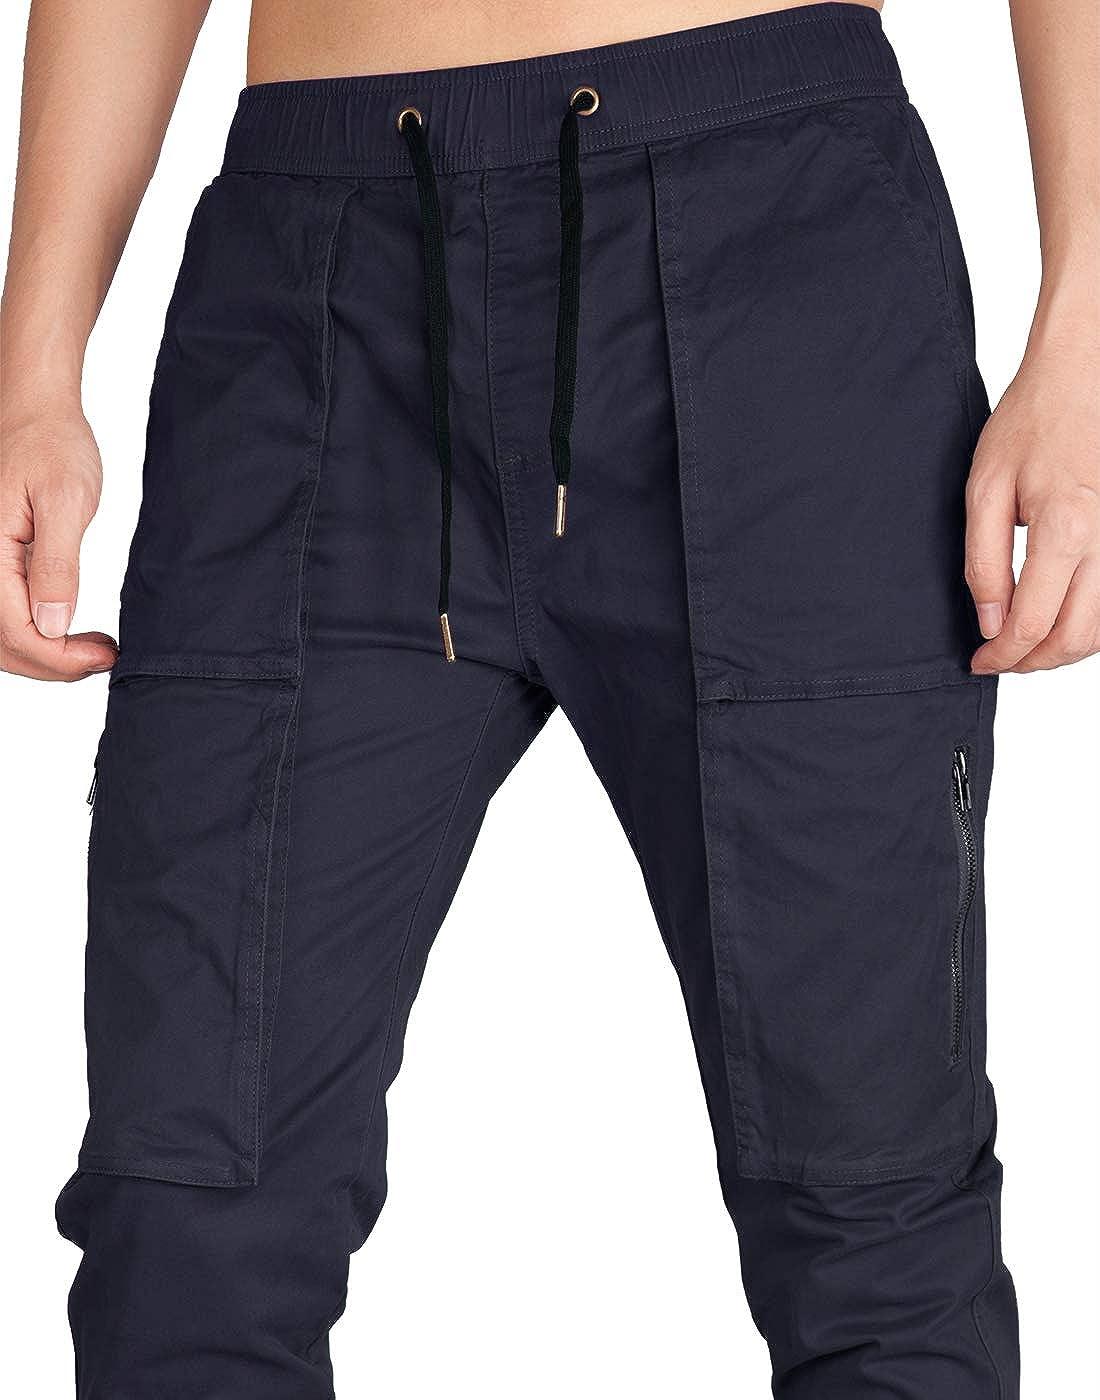 ITALY MORN Pantal/ón para Hombre Cargo Slim Jogging Casual Algod/ón Negro 12 Colores